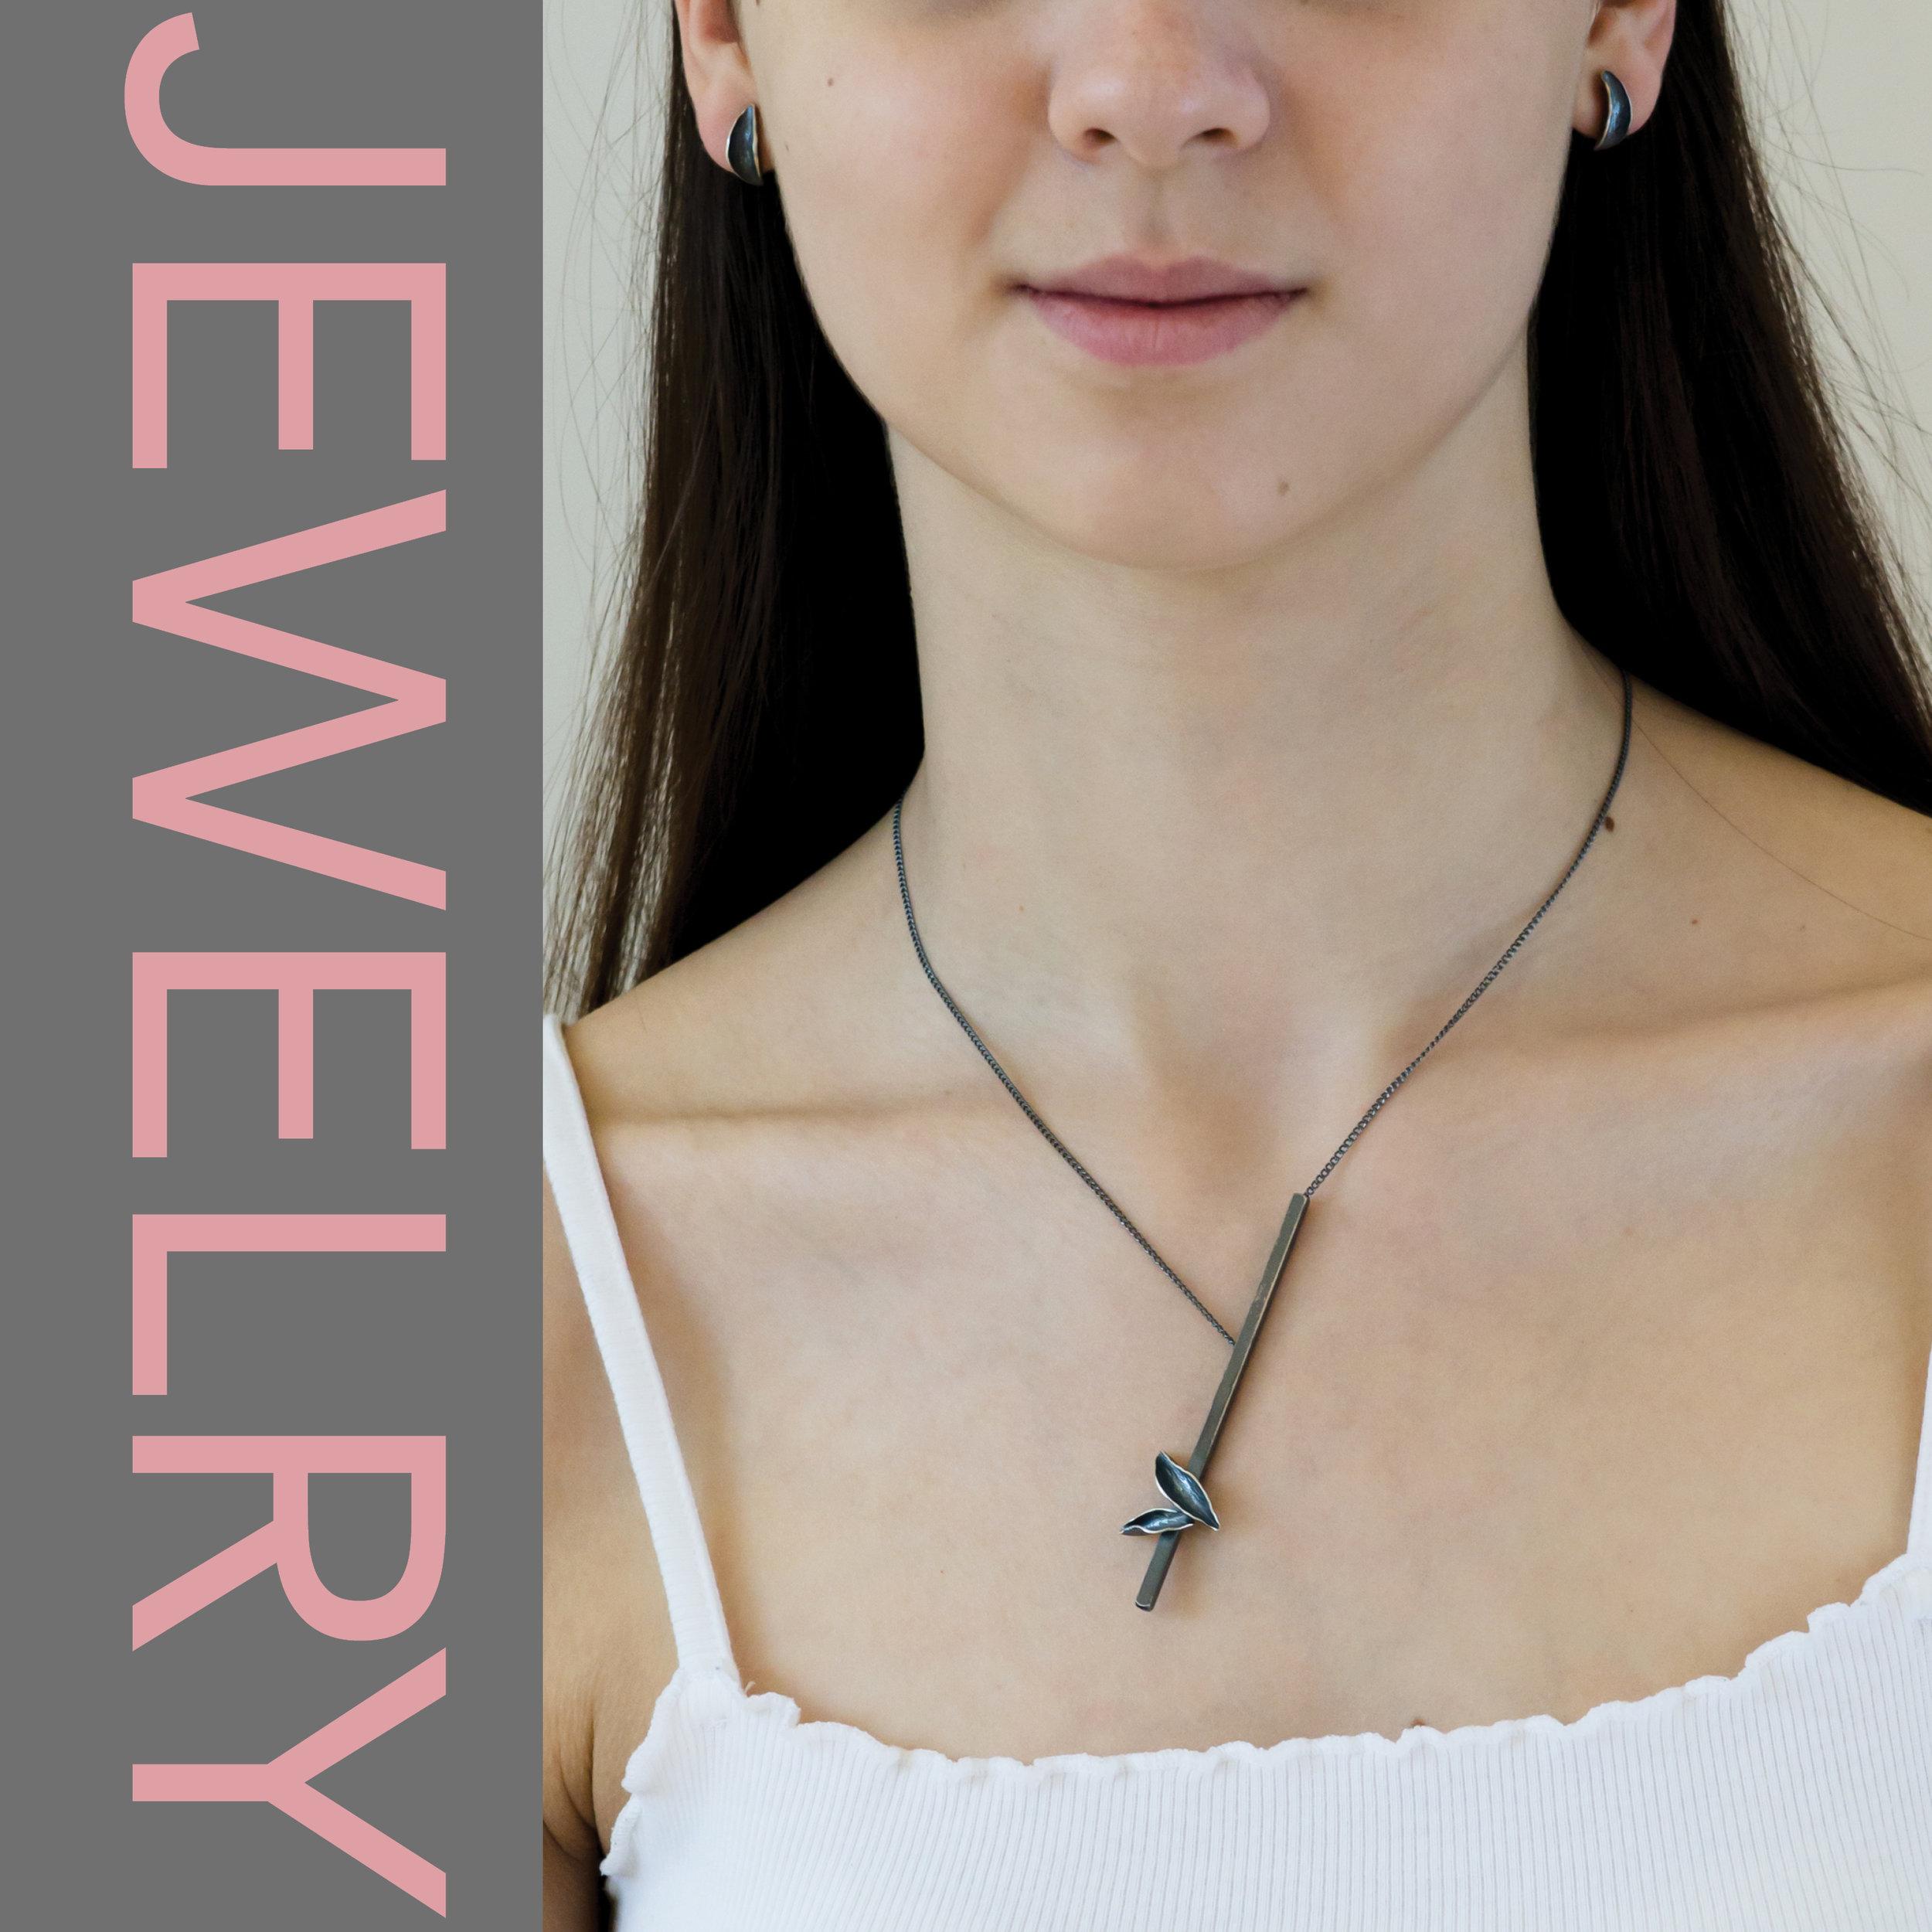 CG-Jewelry3.jpg